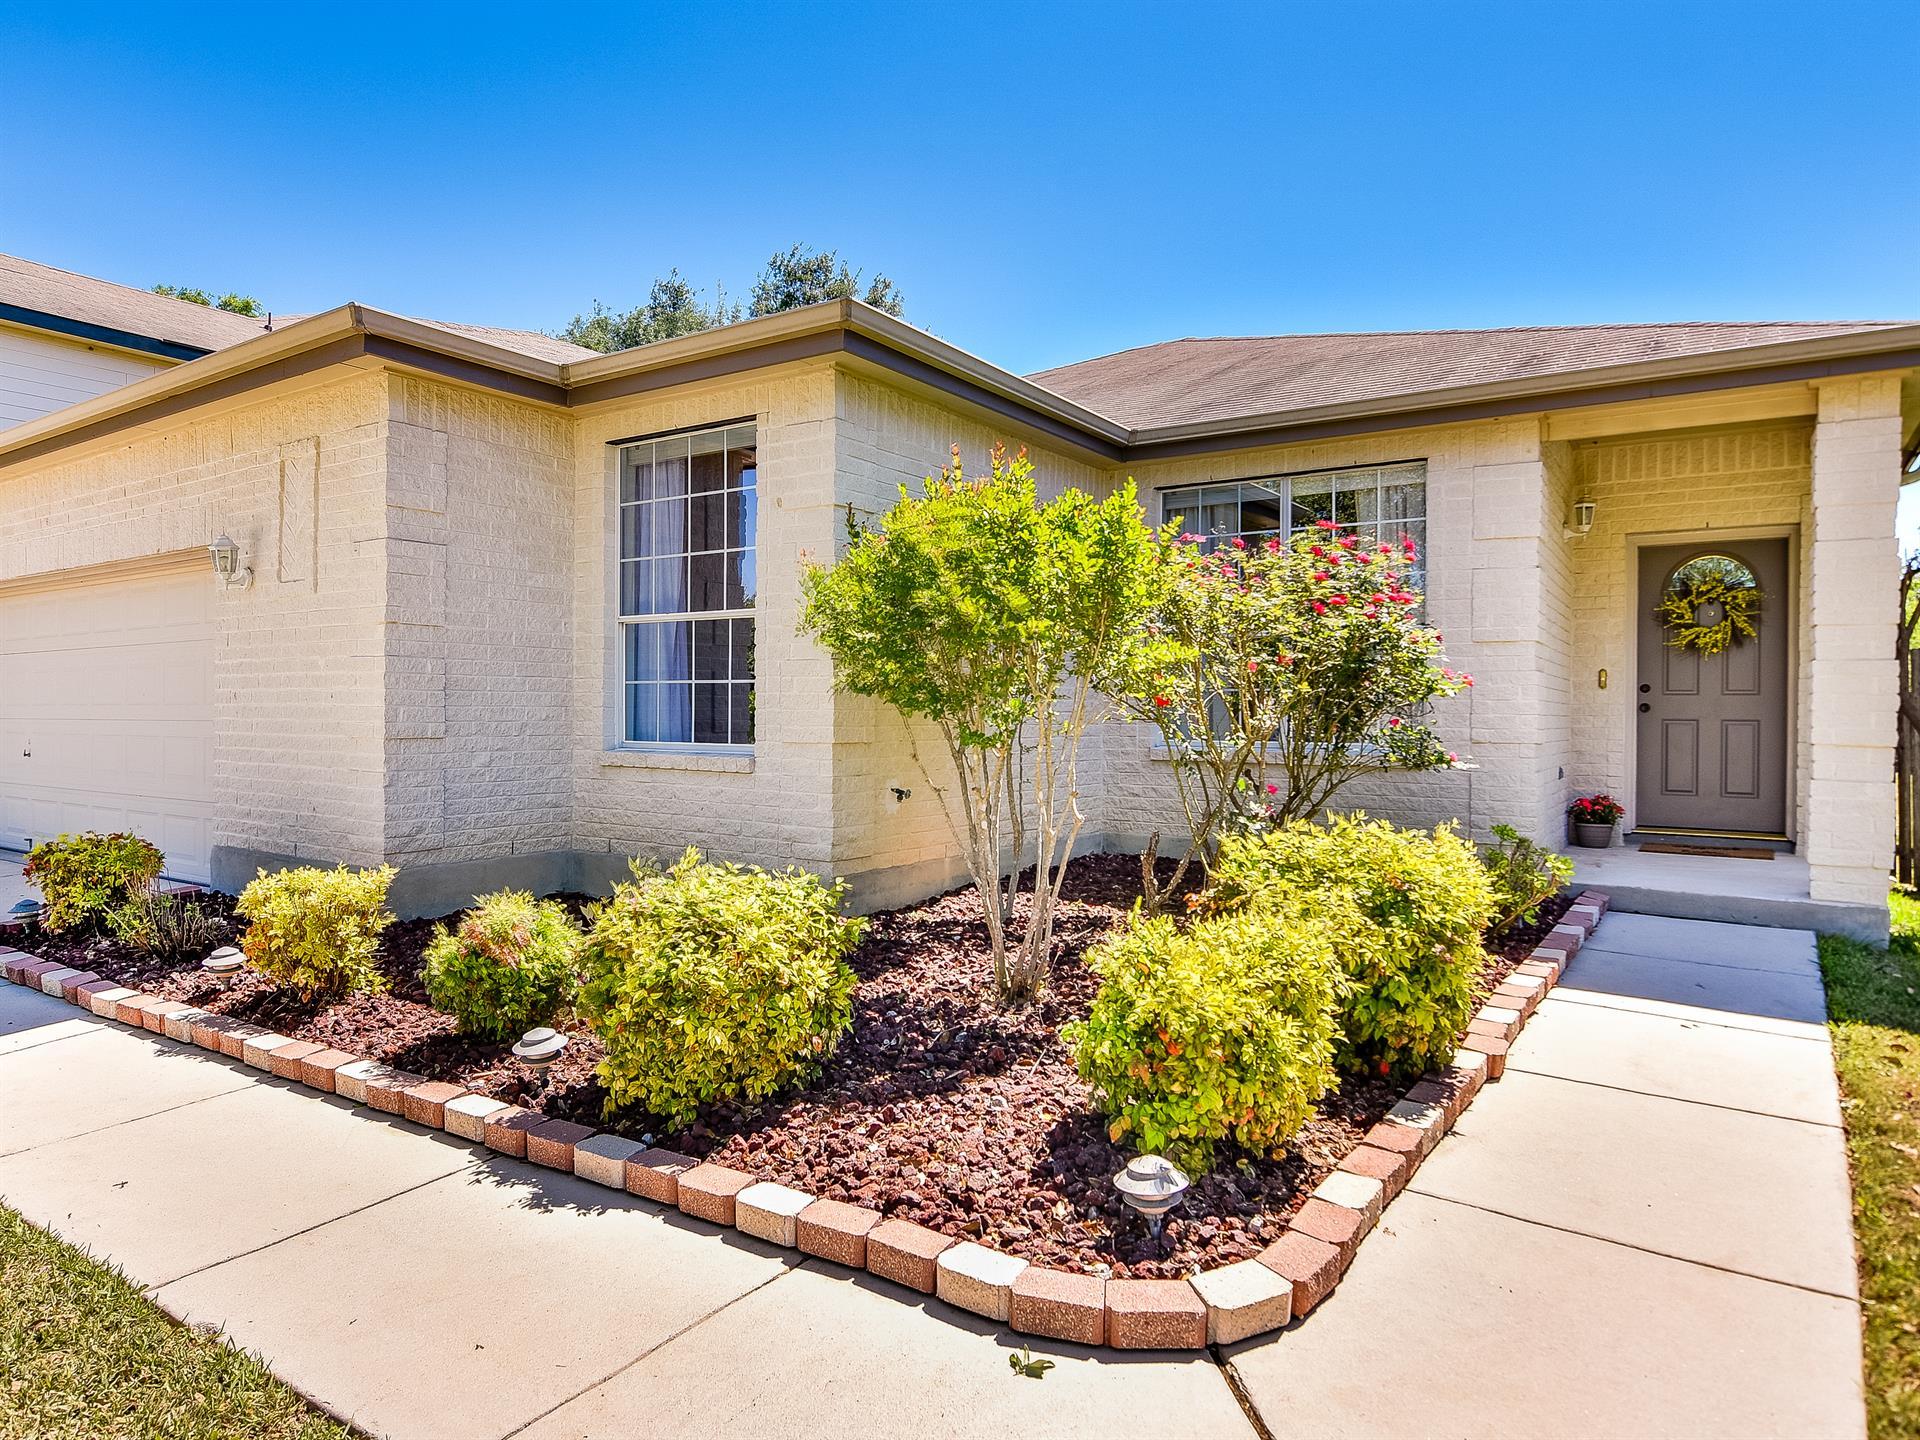 Additional photo for property listing at 3504 Dartmouth 3504 Dartmouth Schertz, Texas 78154 Estados Unidos